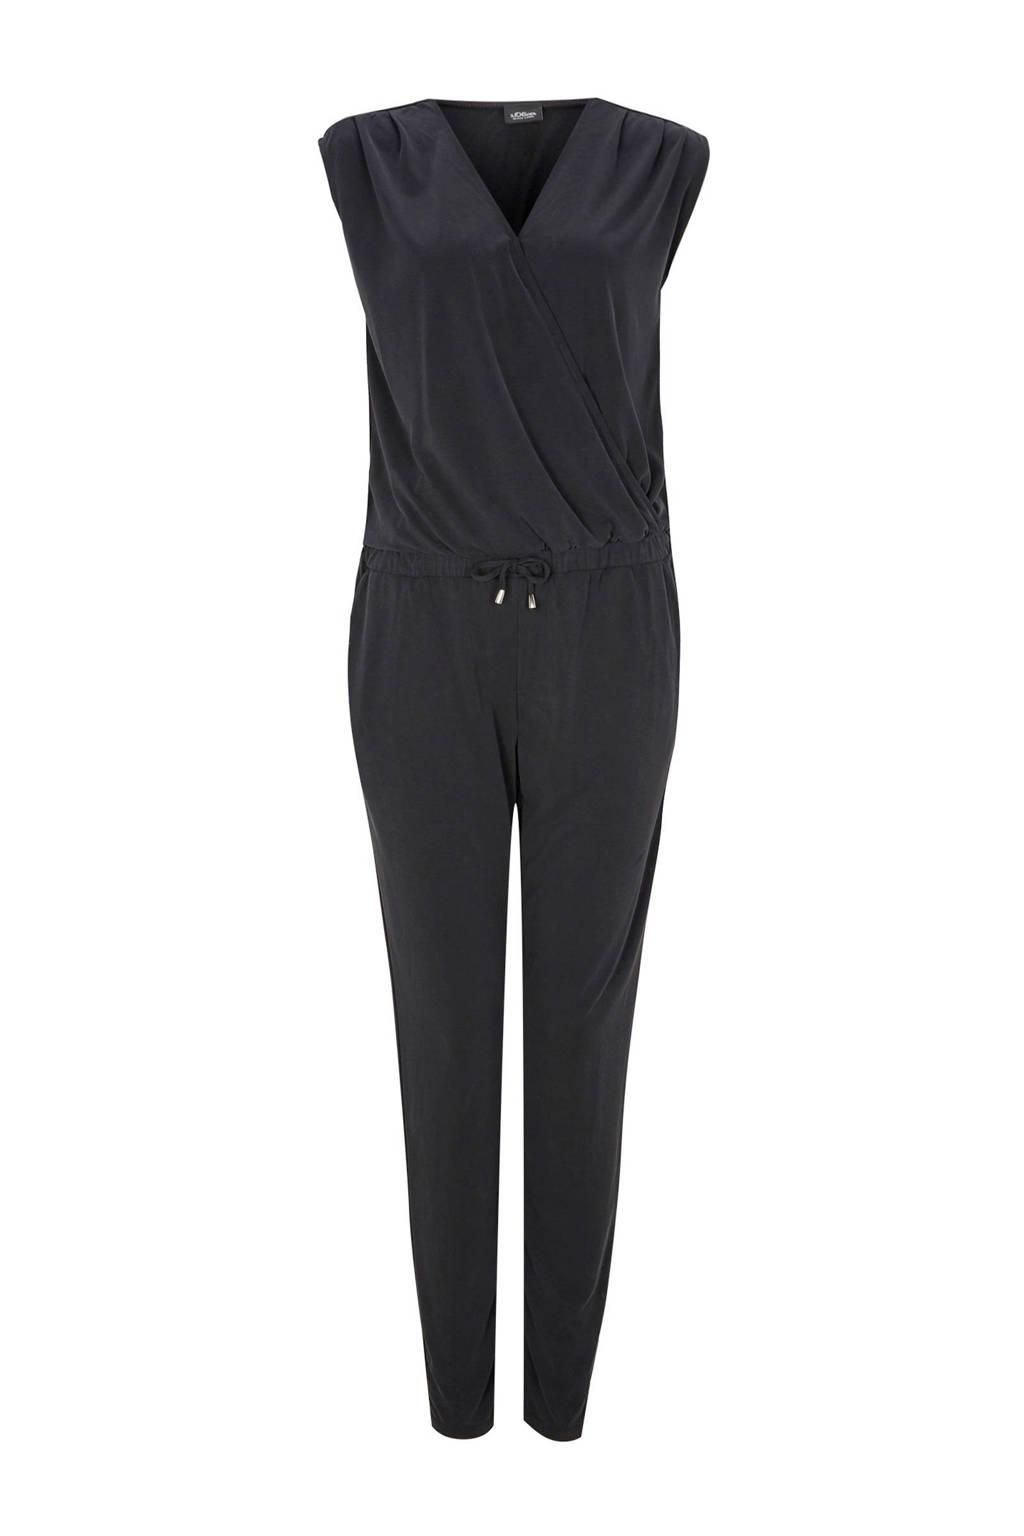 s.Oliver BLACK LABEL jumpsuit zwart, Zwart